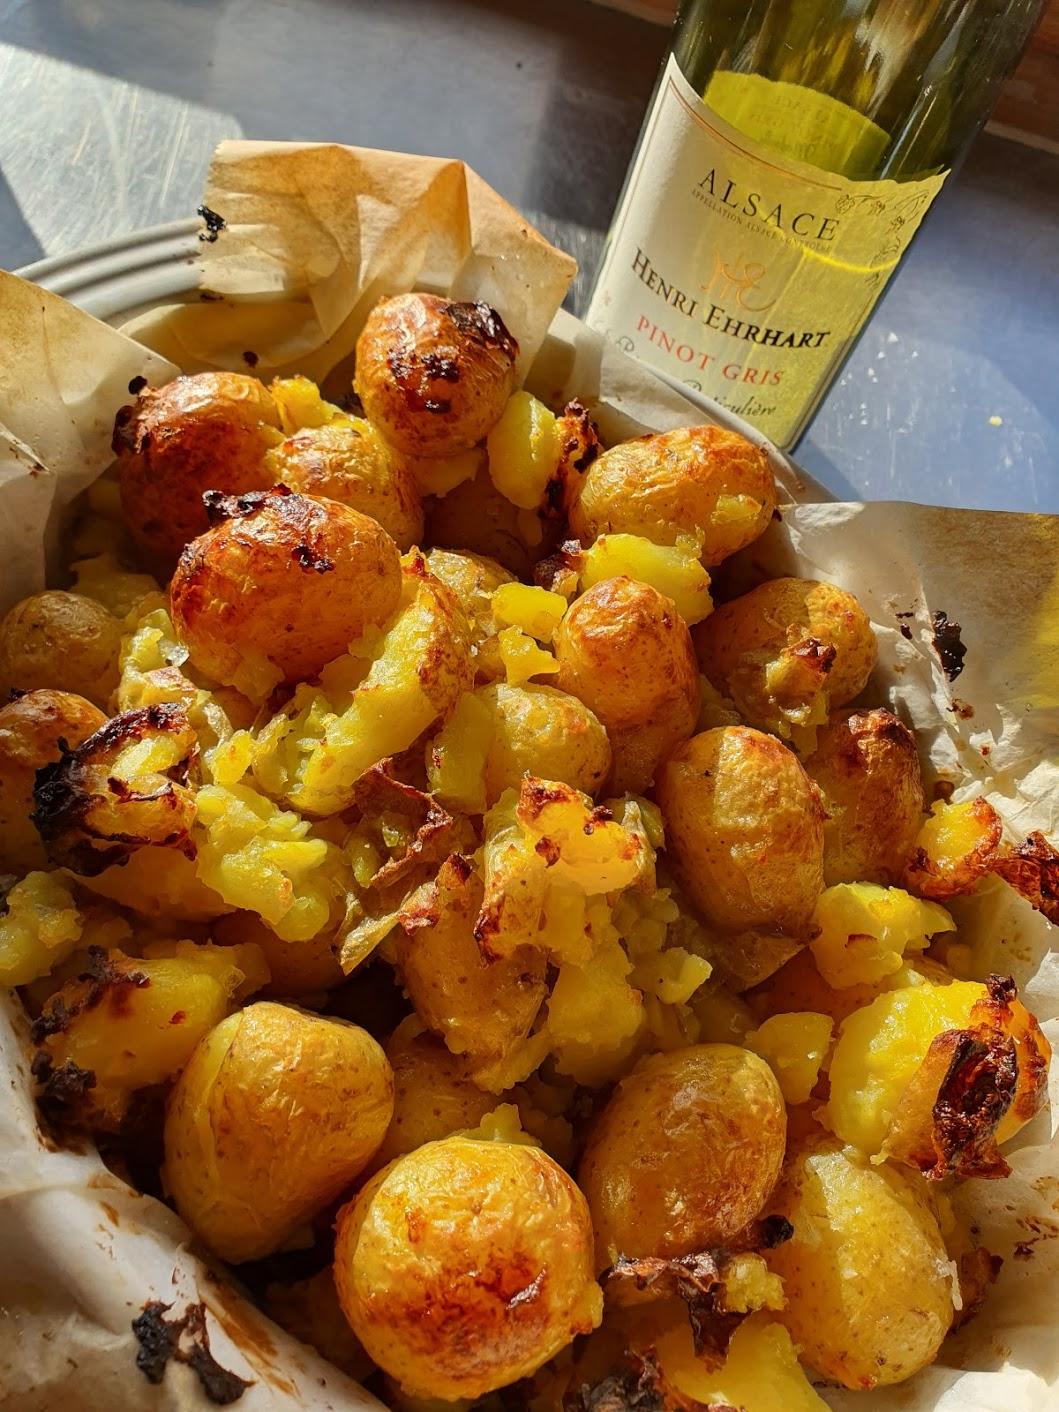 engelske ovnbagte kartofler